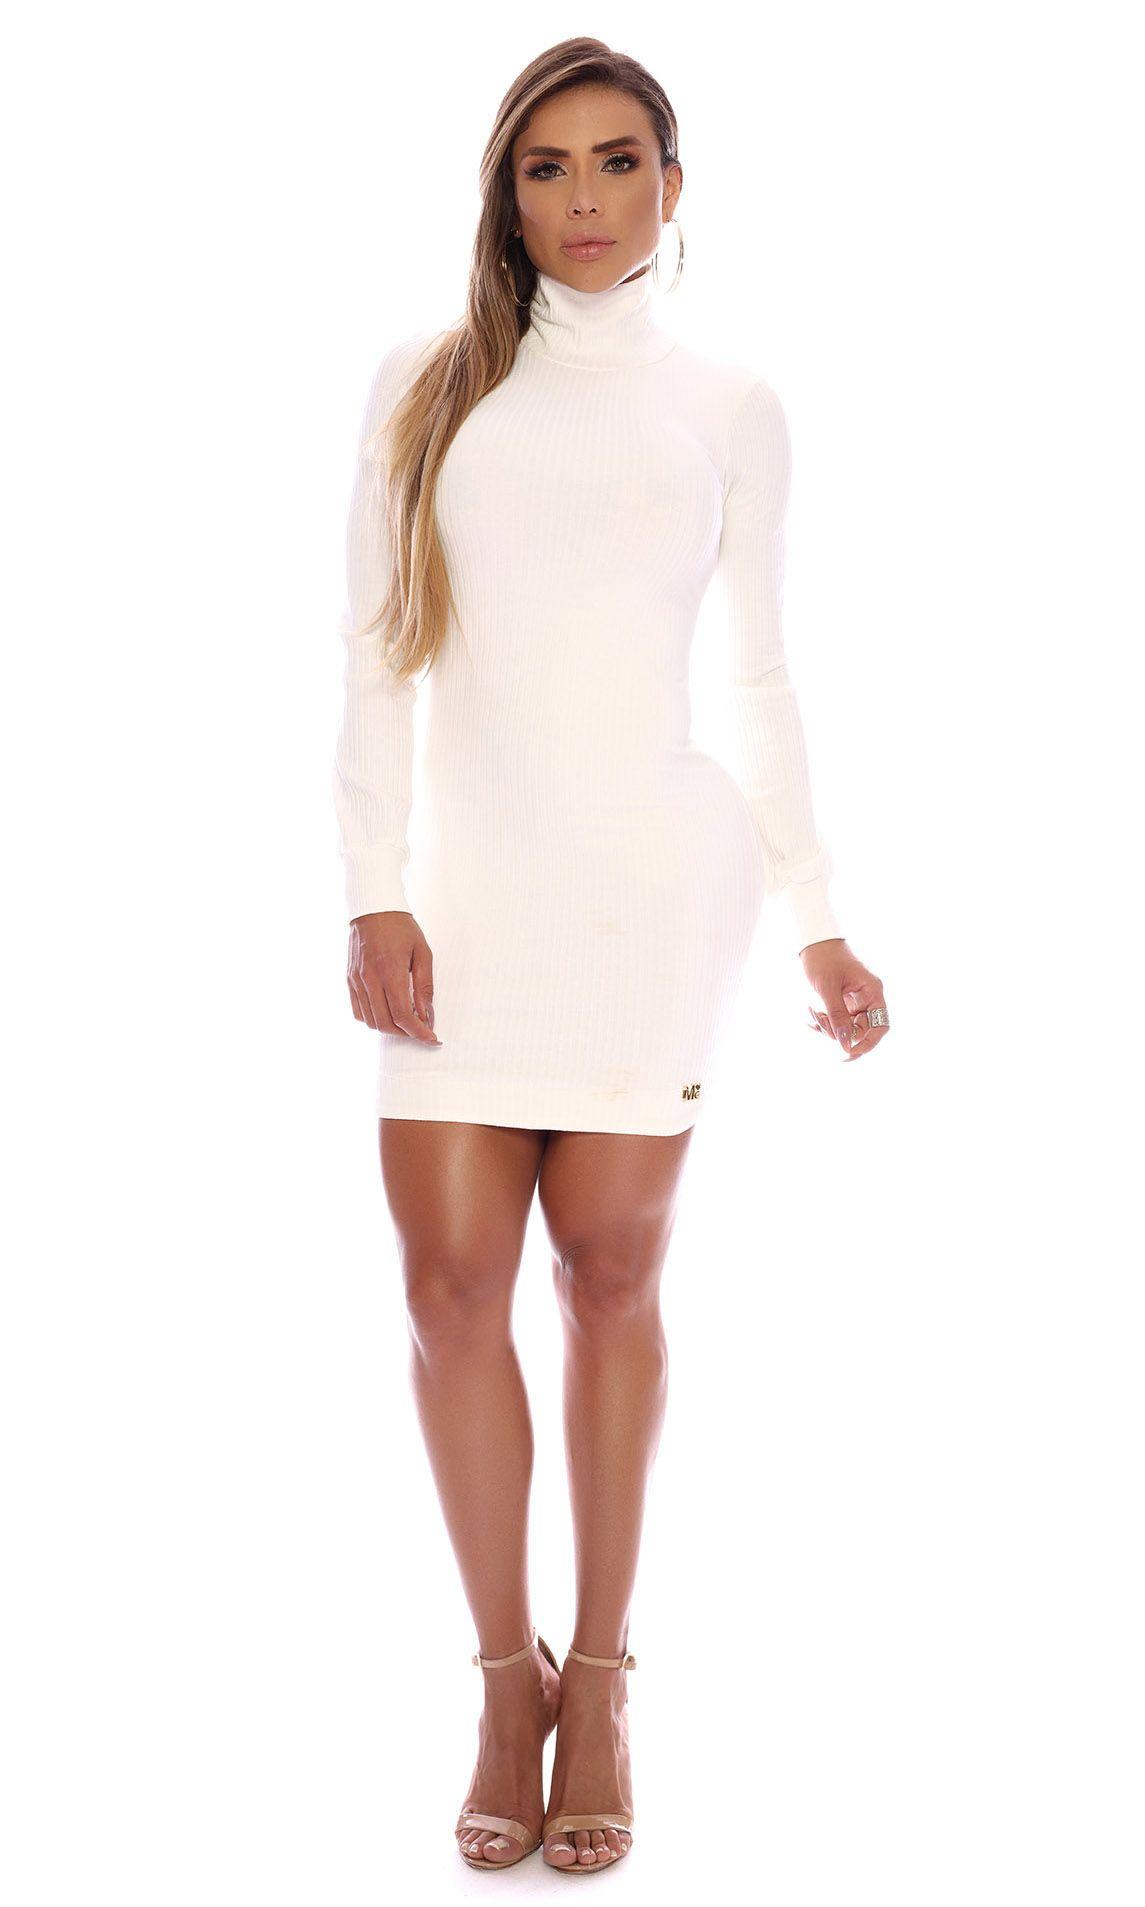 Vestido Canelado Gola Alta Maria Gueixa Off White